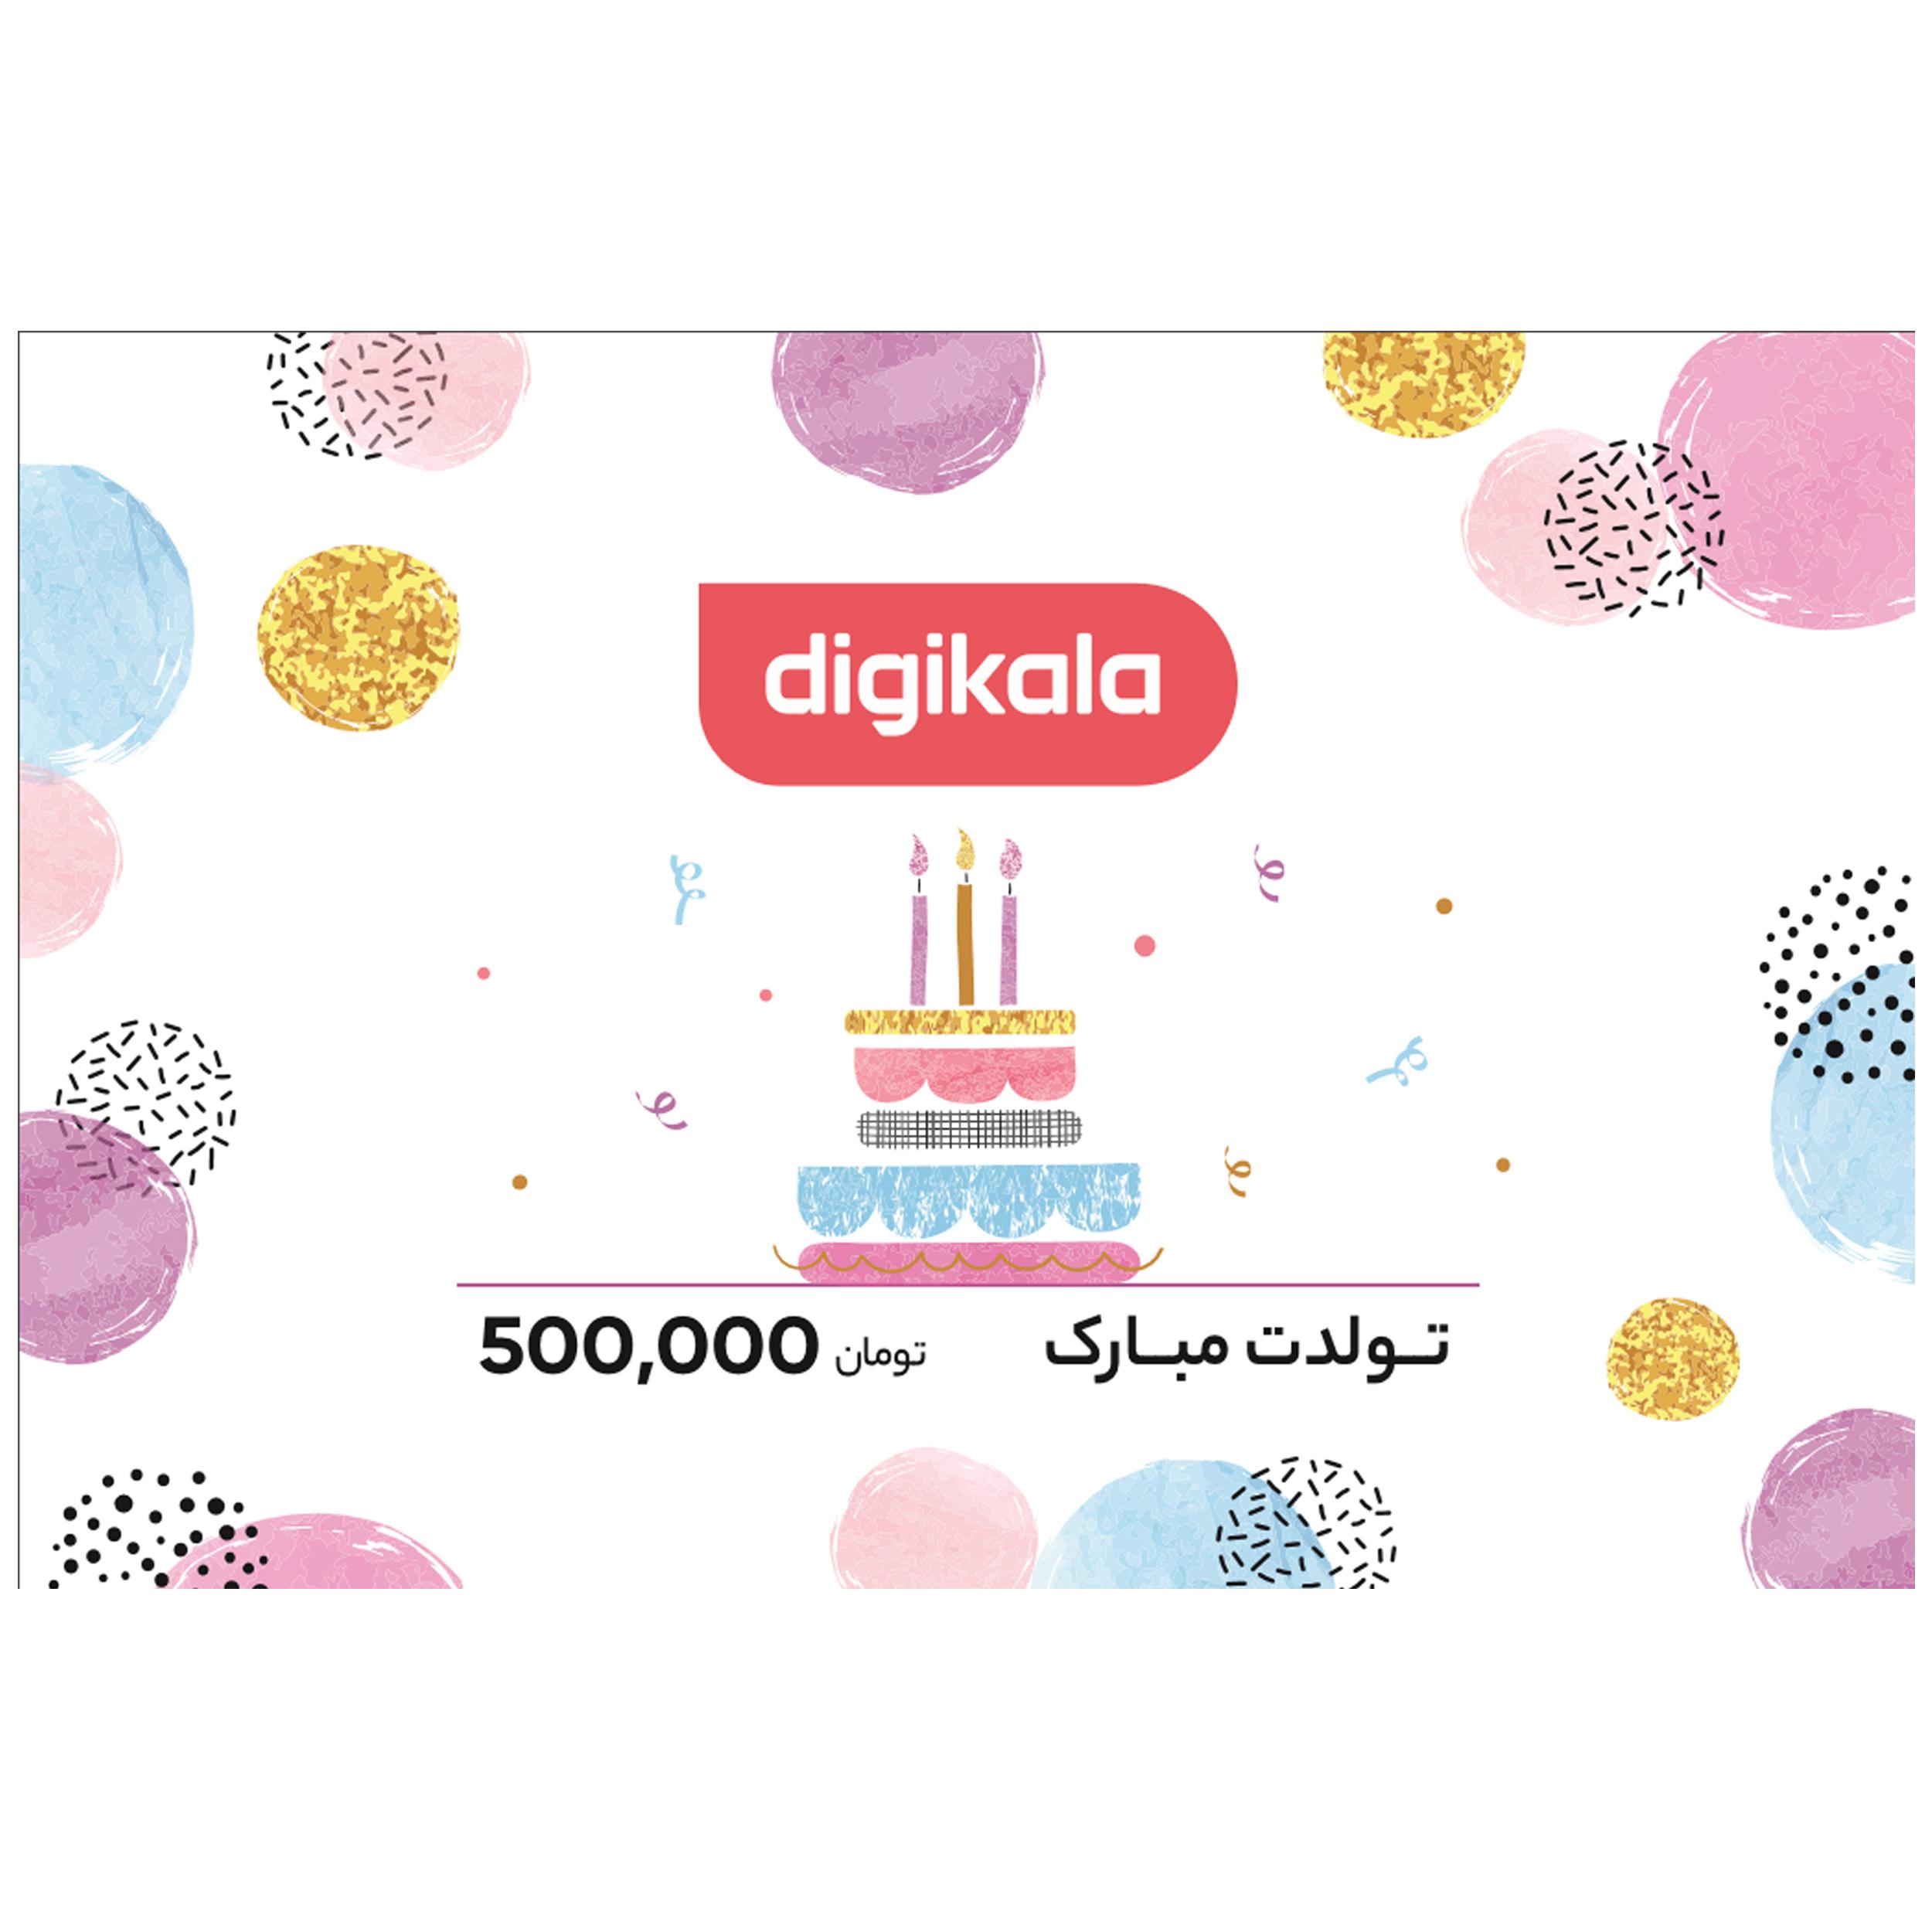 خرید                     کارت هدیه دیجی کالا به ارزش 500,000 تومان طرح تولد